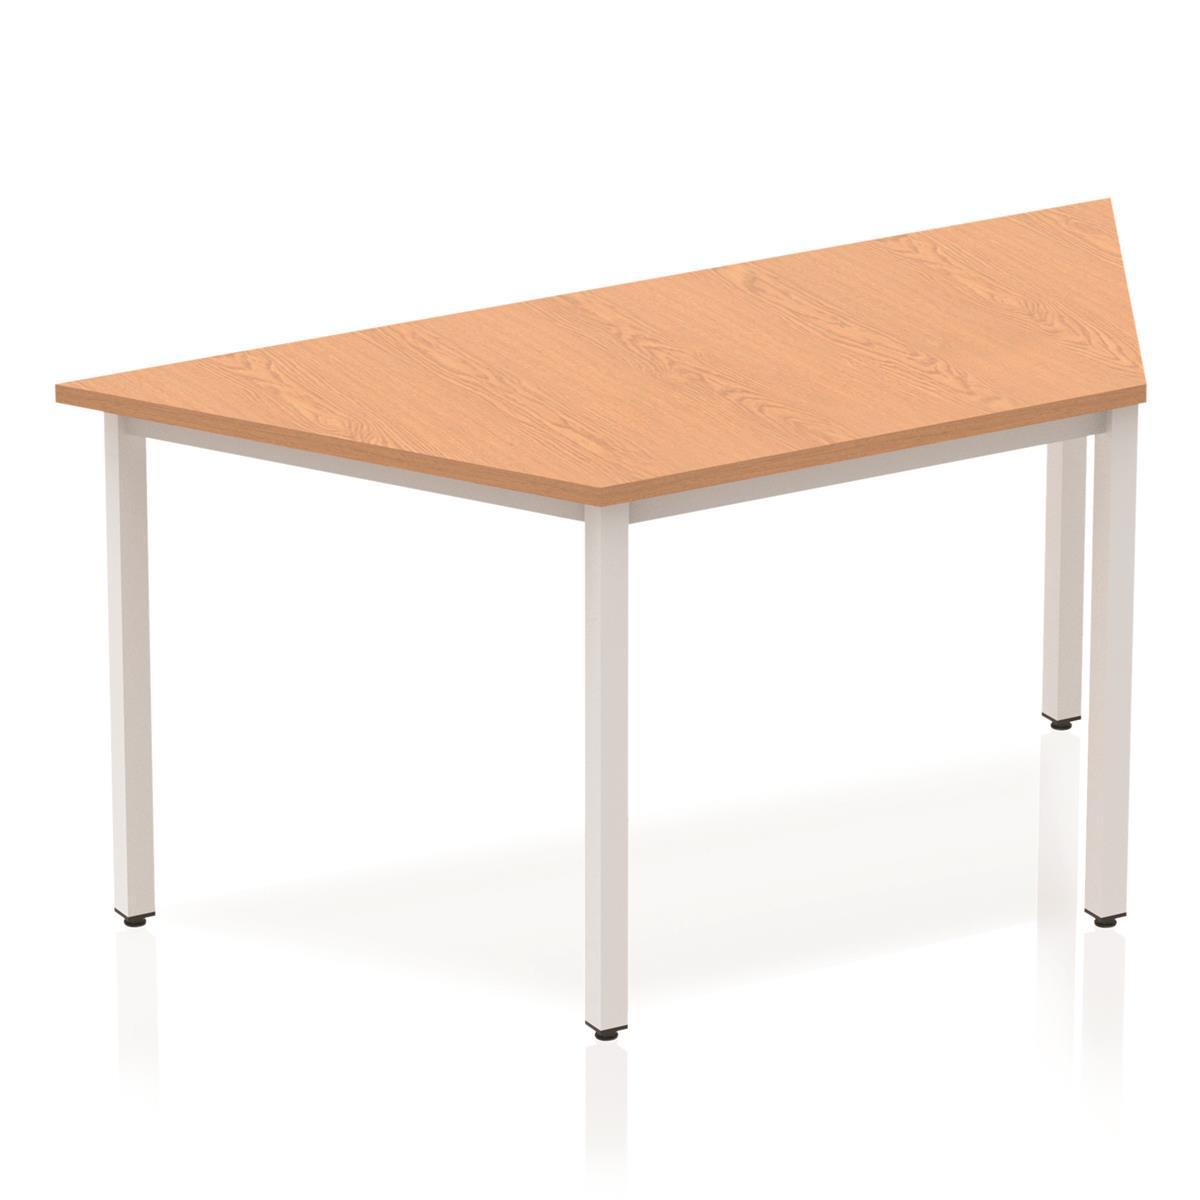 Trexus Trapezoidal Box Frame Silver Leg Table 1600x800mm Oak Ref BF00134